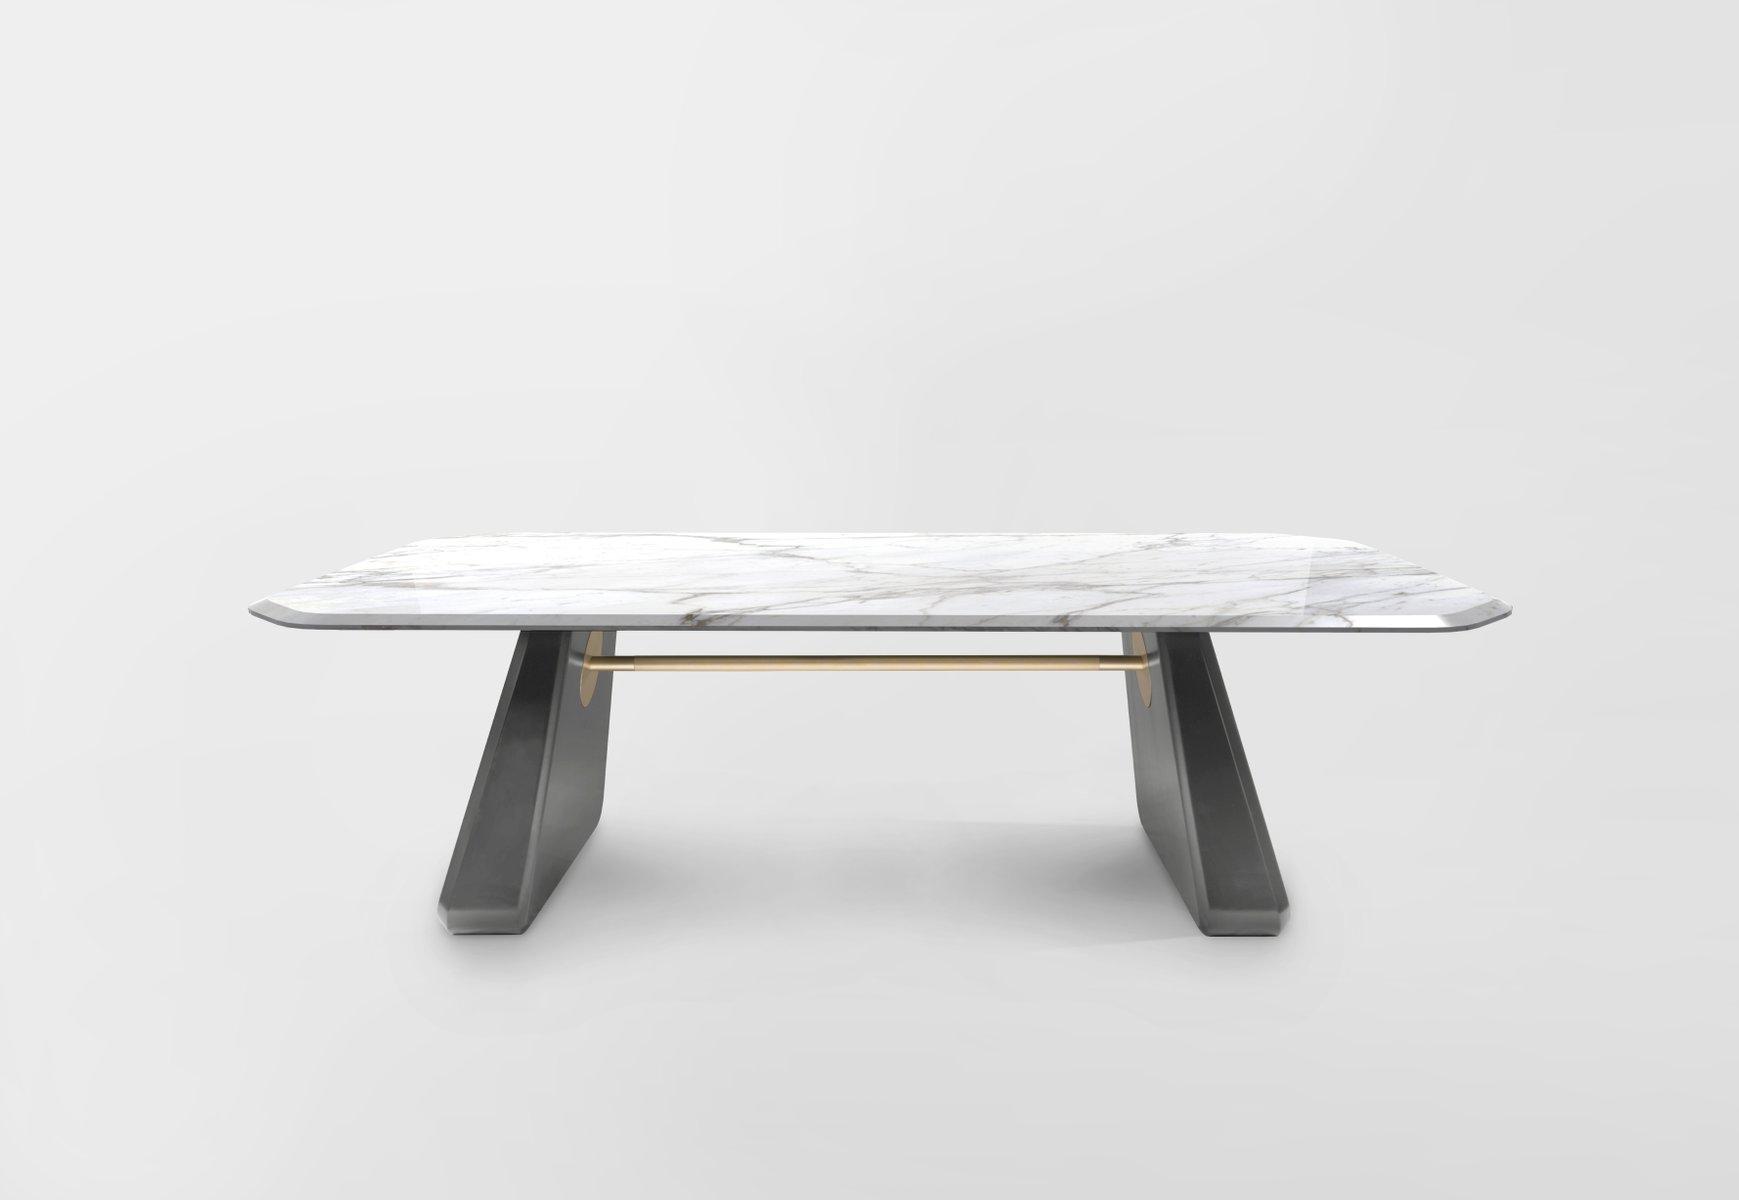 Tavoli Da Pranzo Design : Tavolo da pranzo henge di artefatto design studio per secolo in